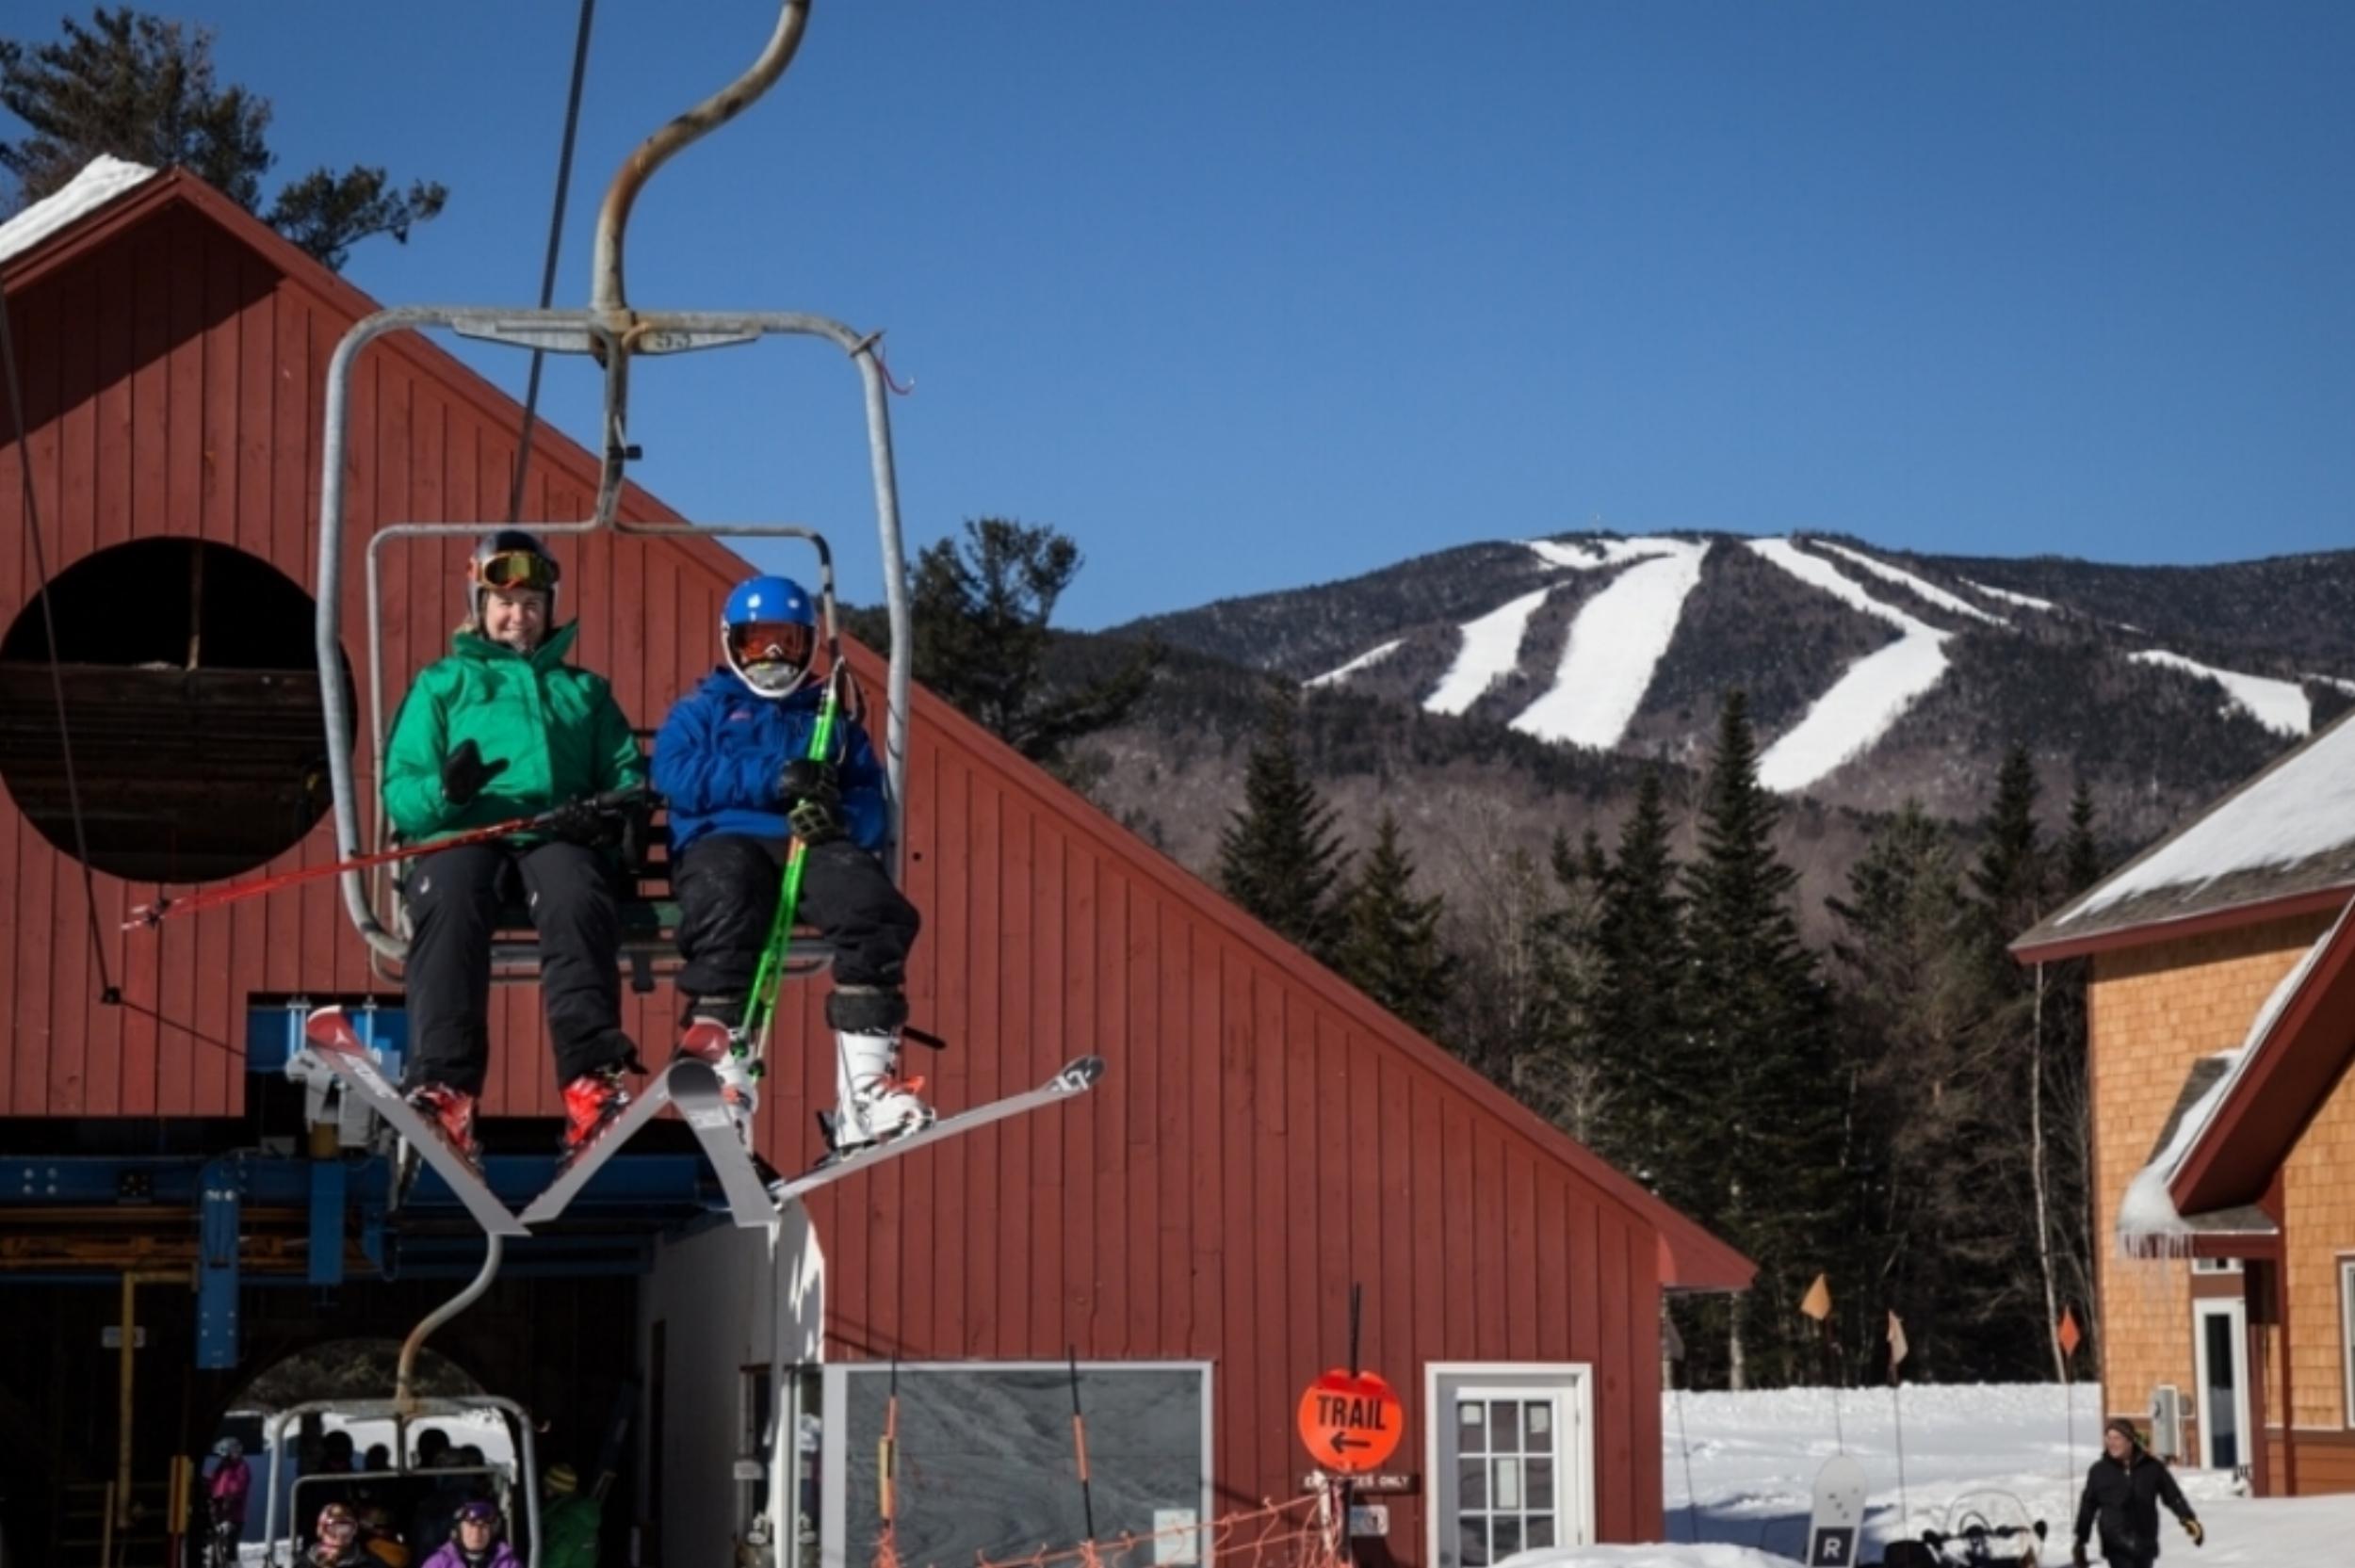 Snow's Mountain